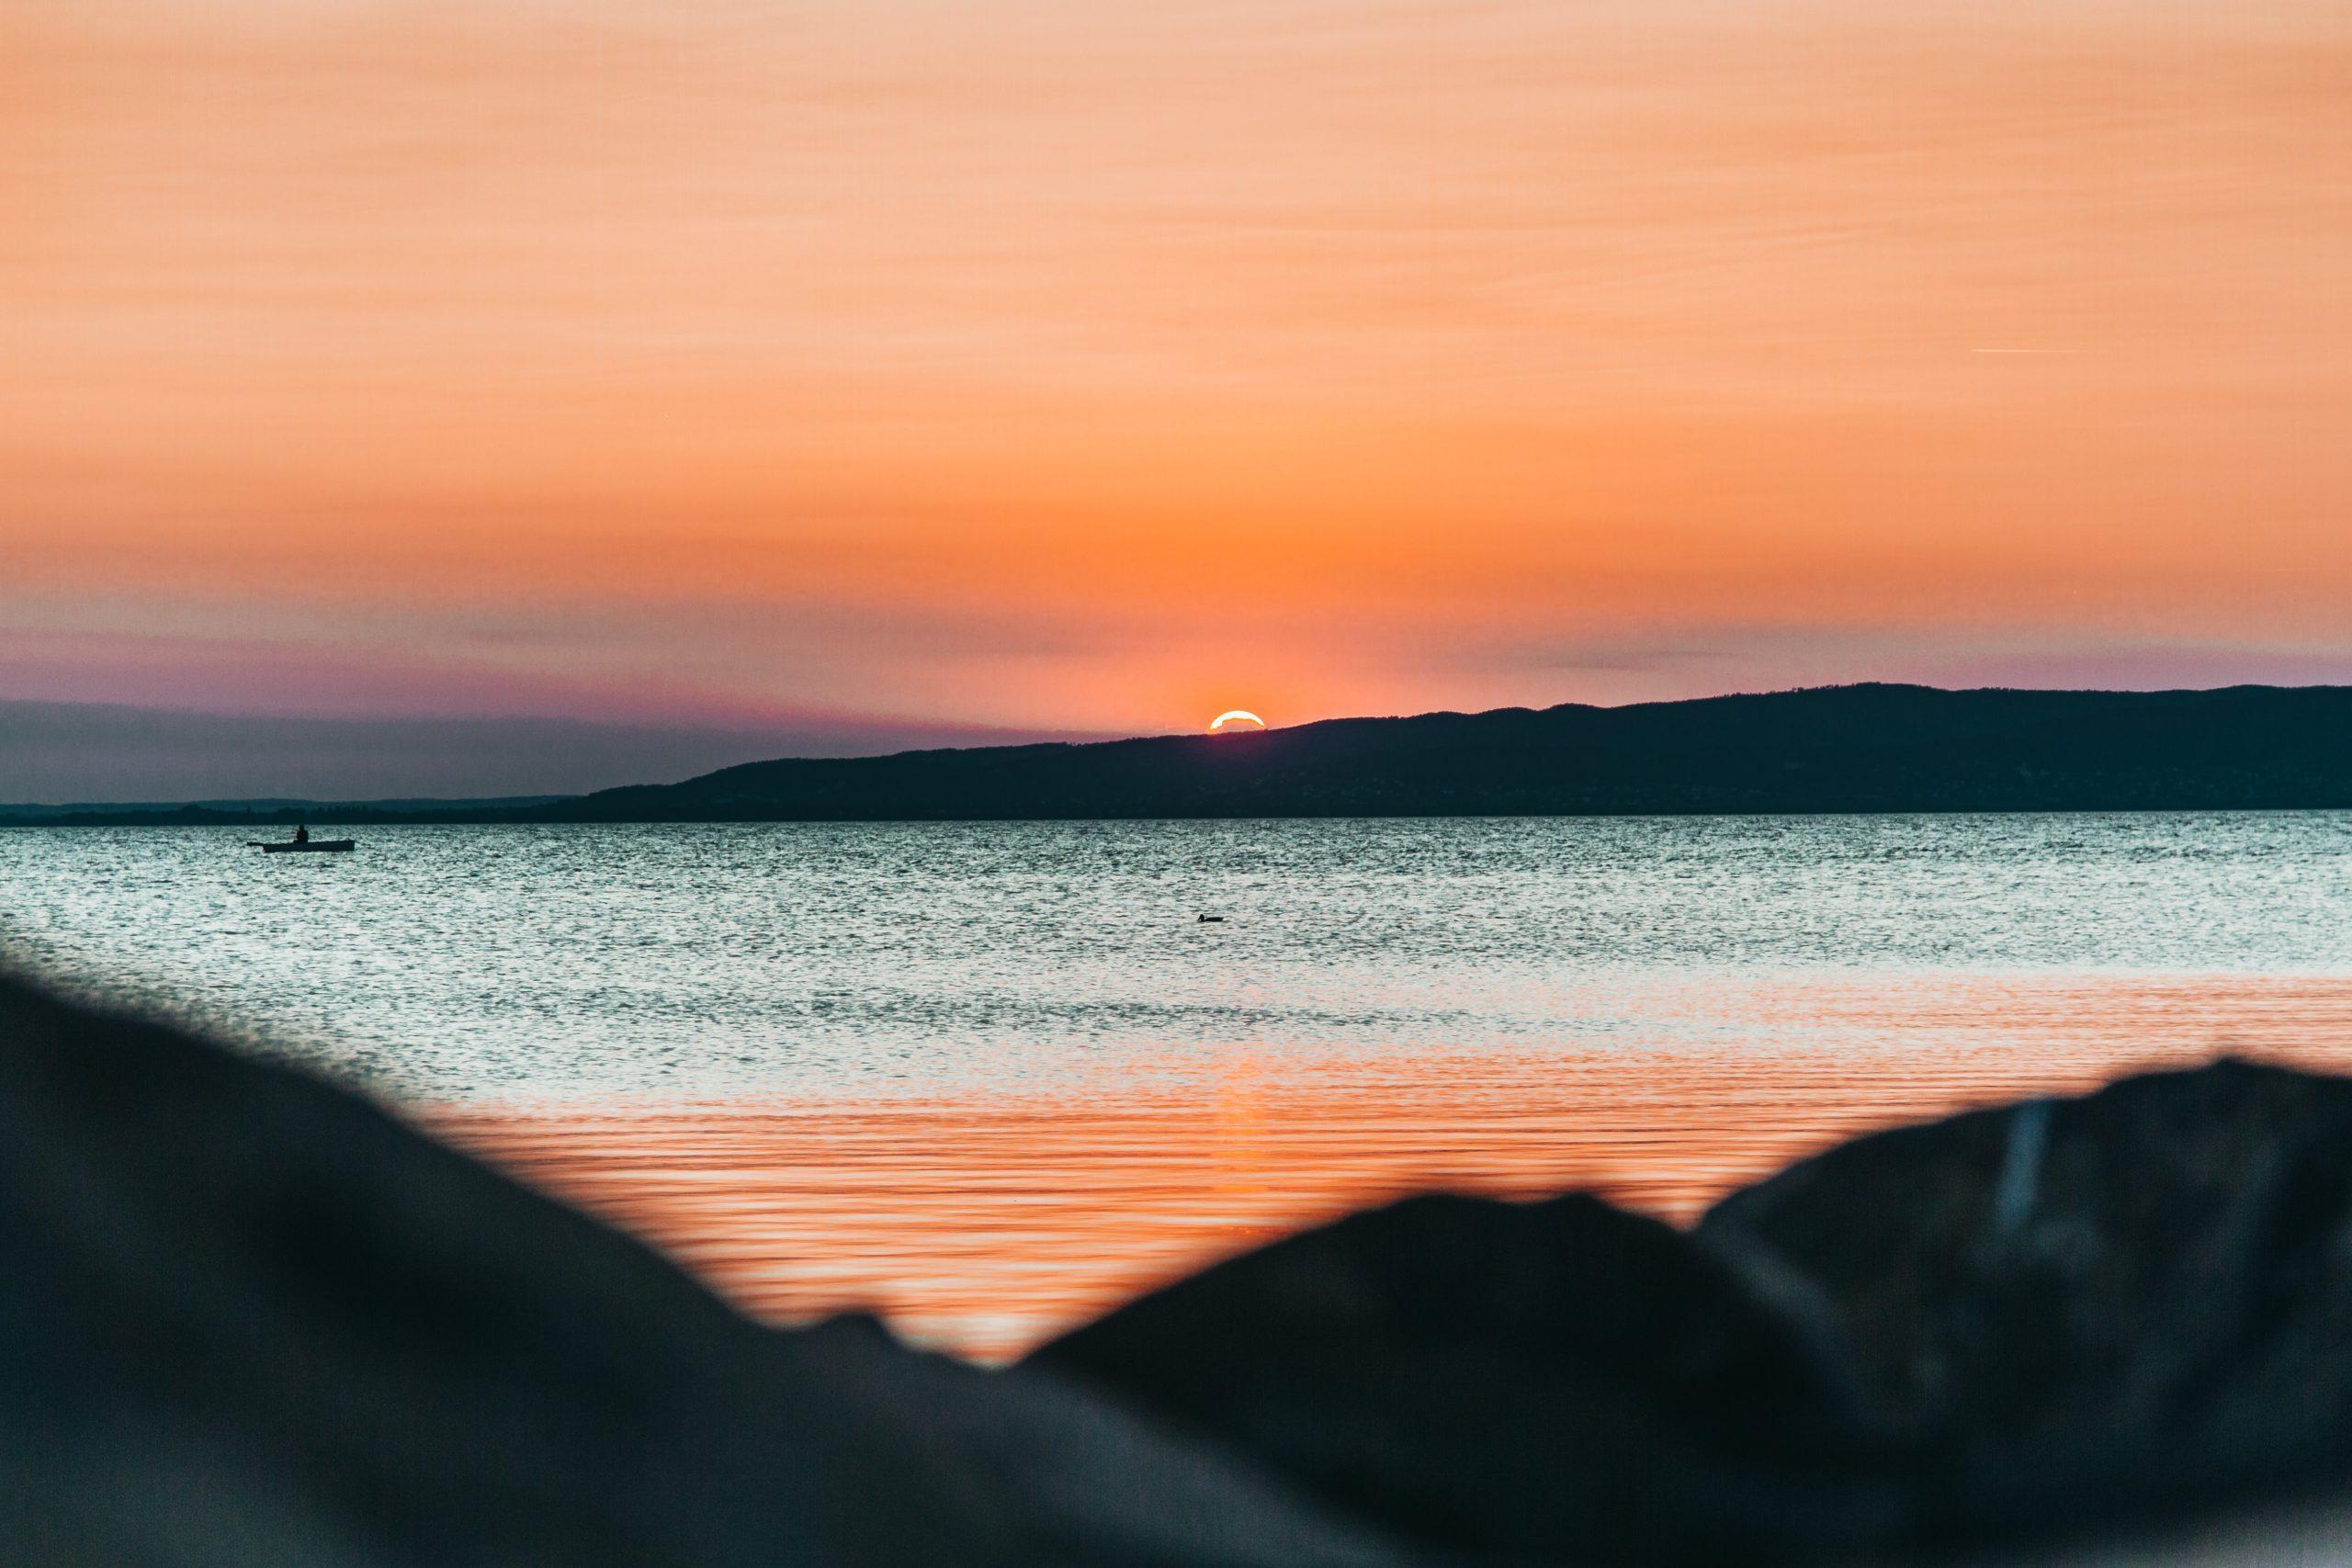 Lake Balaton, Hungary, study in Hungary, attend graduate school abroad